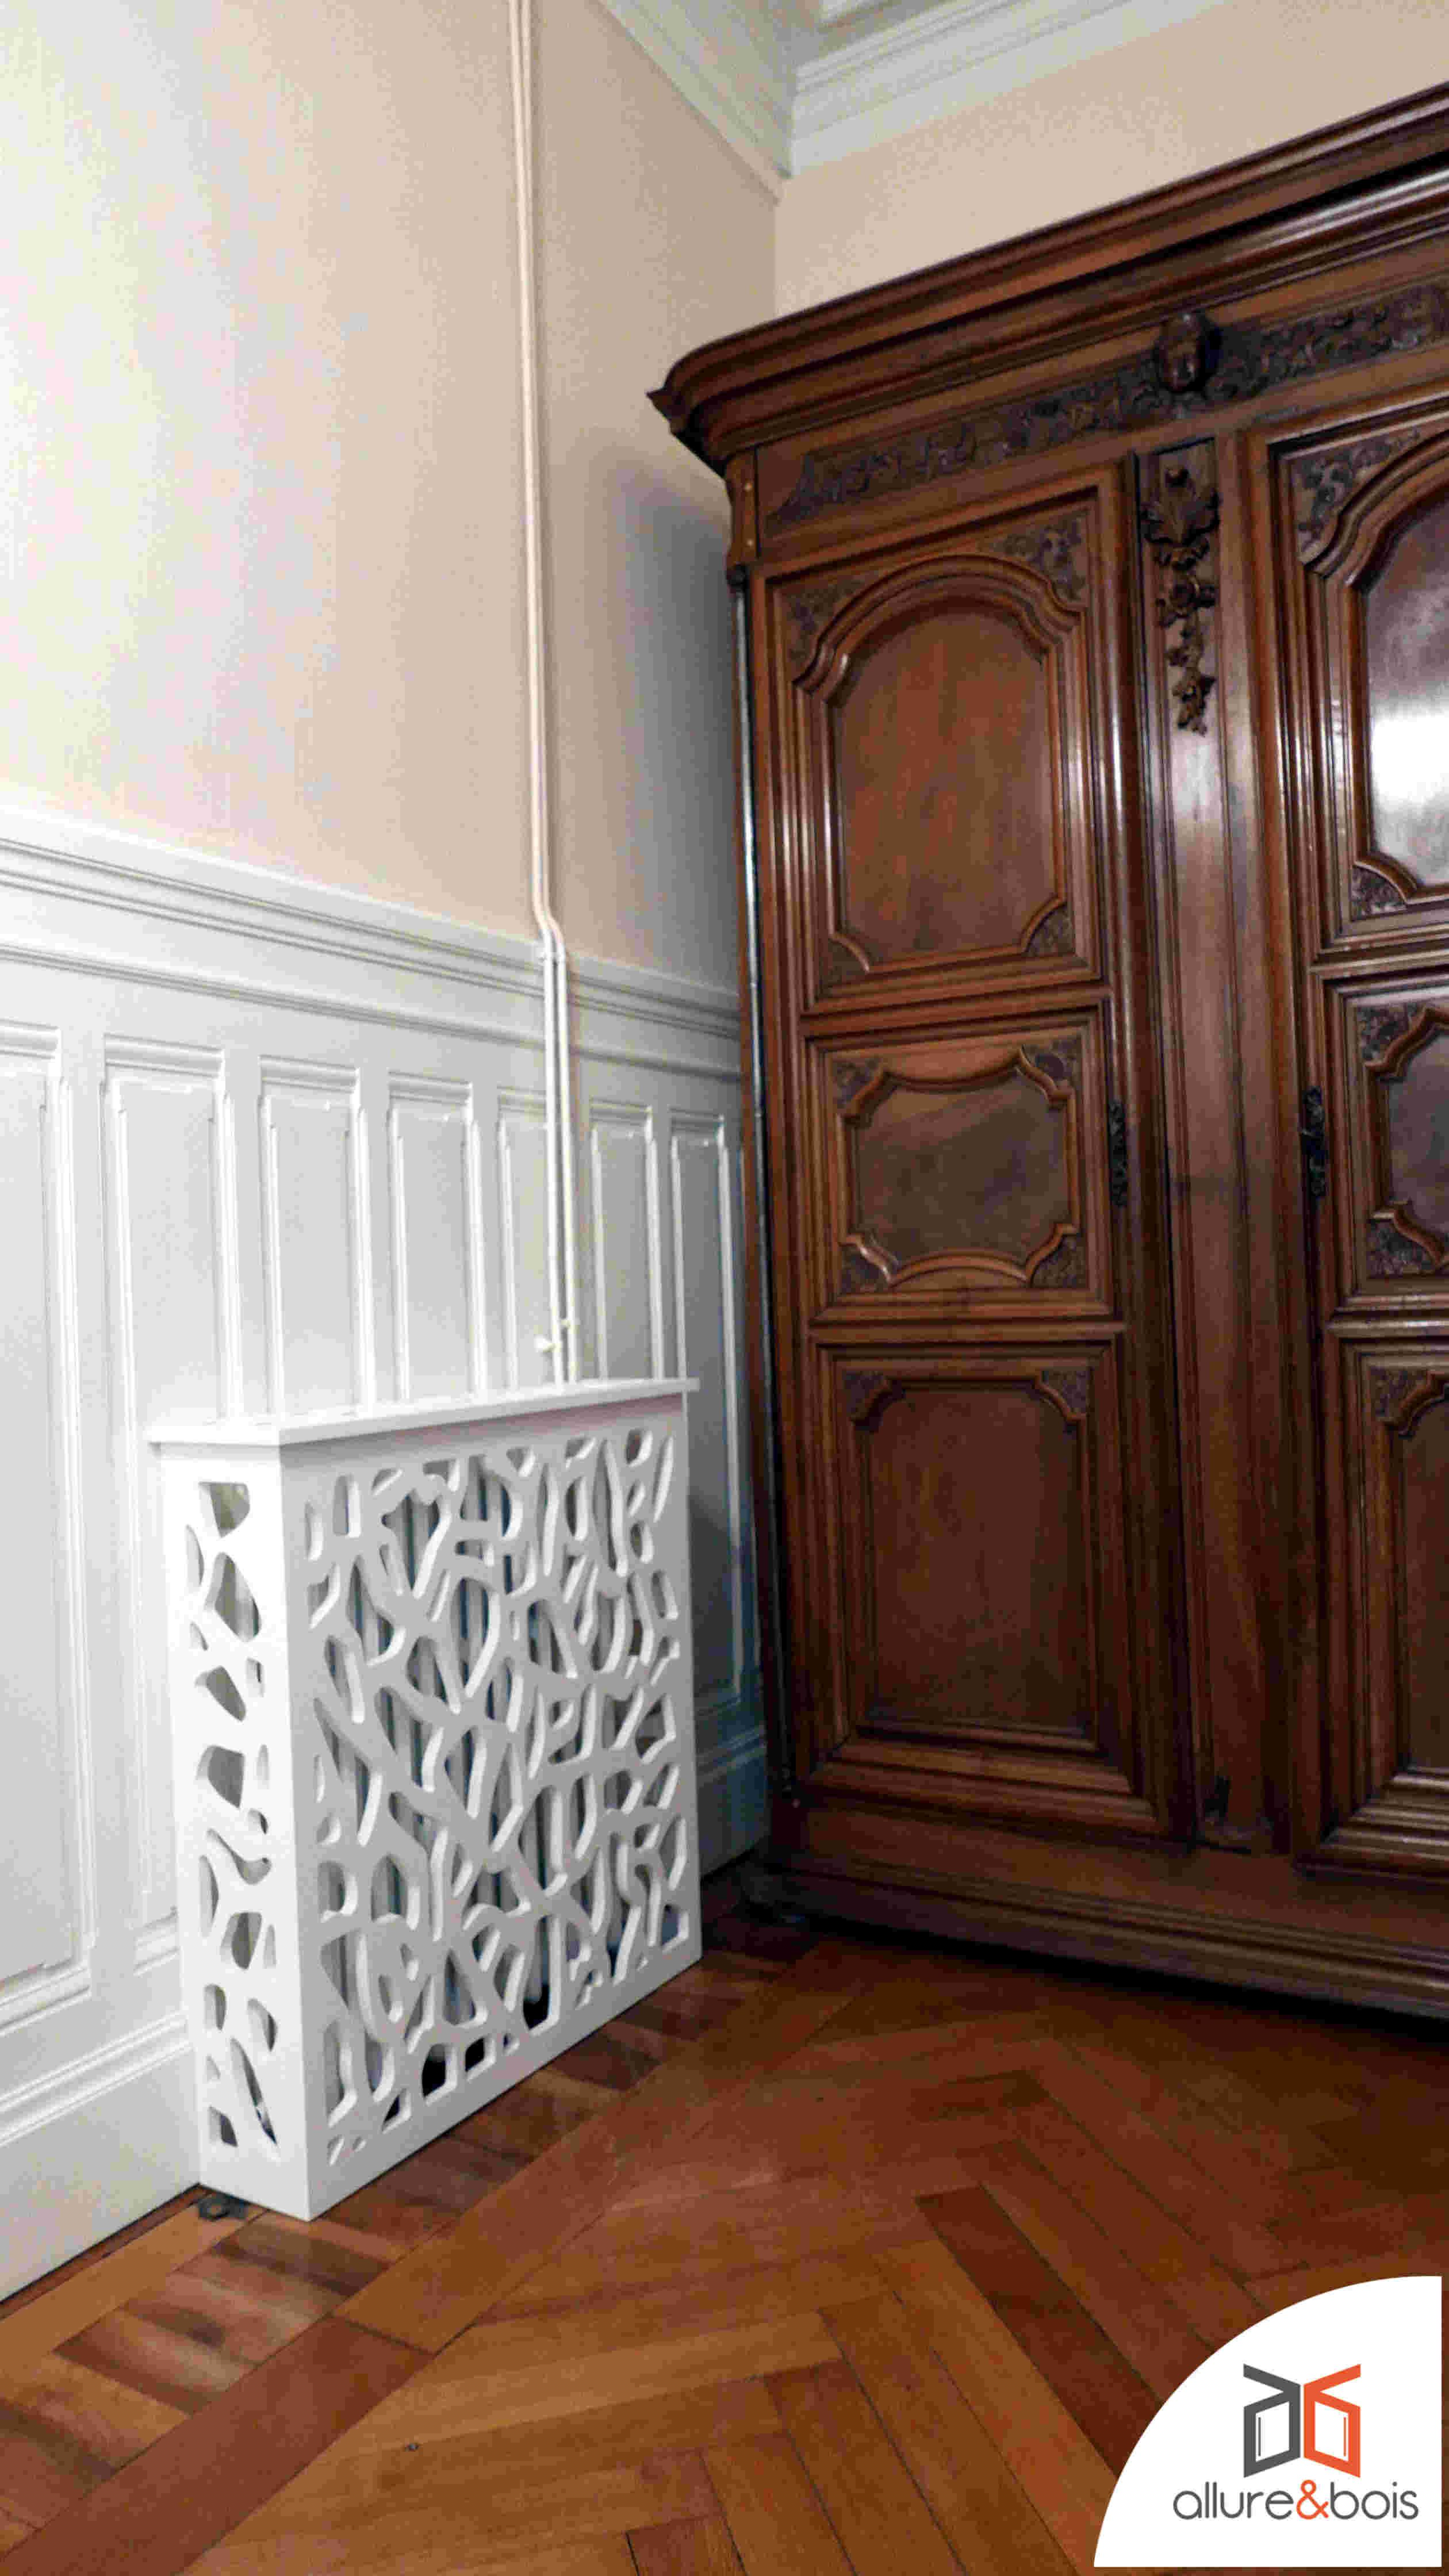 Comment Cacher Un Vieux Radiateur claustra bois mucida   claustra bois, cache radiateur et